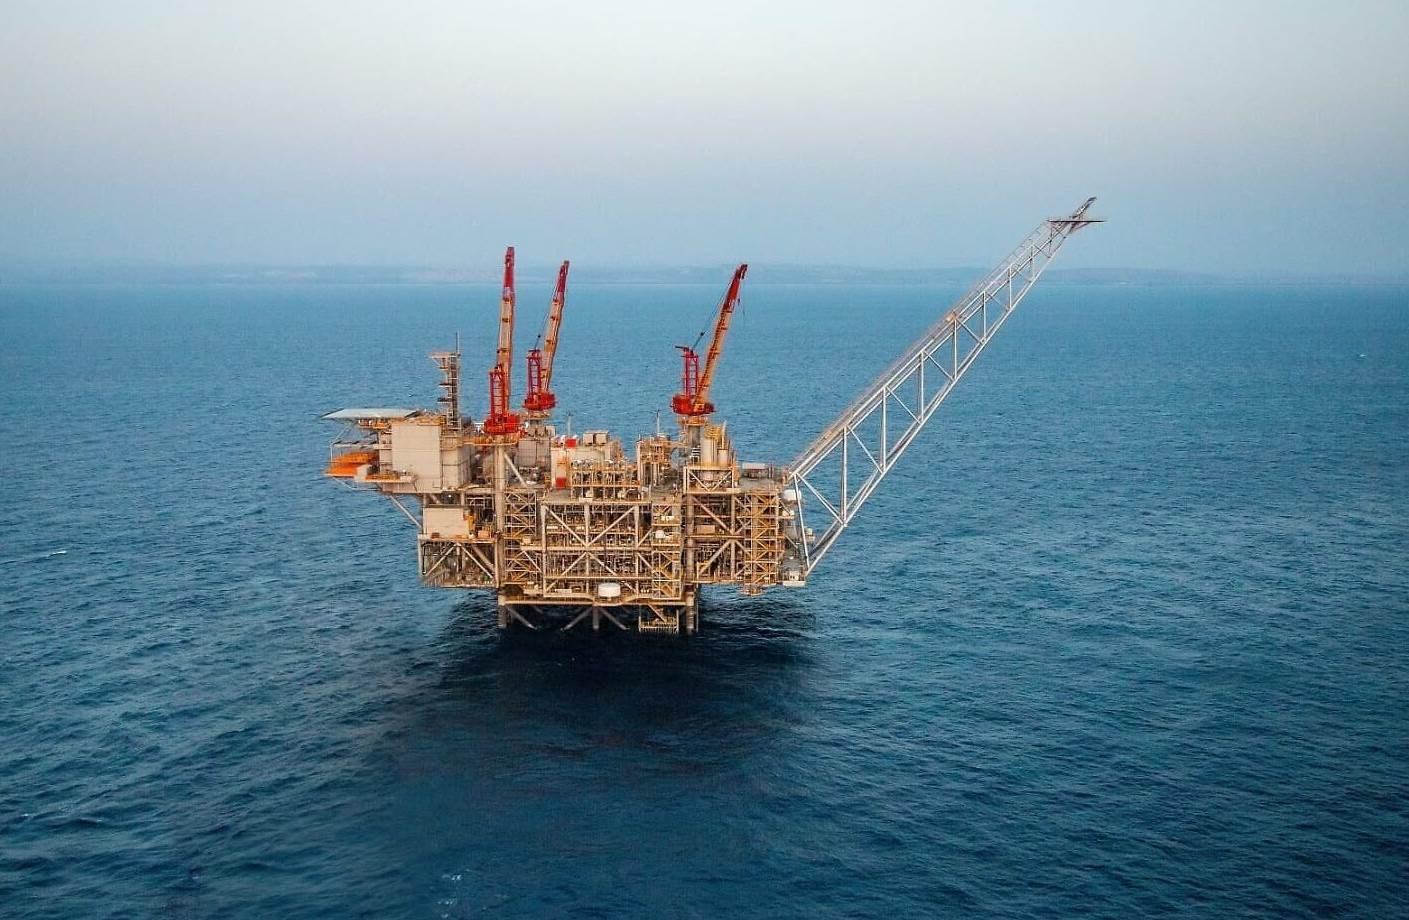 مع اكتشاف الغاز في البحر المتوسط ازدادت أهمية الدراسات البحرية في الجامعات ومراكز الأبحاث الإسرائيلية